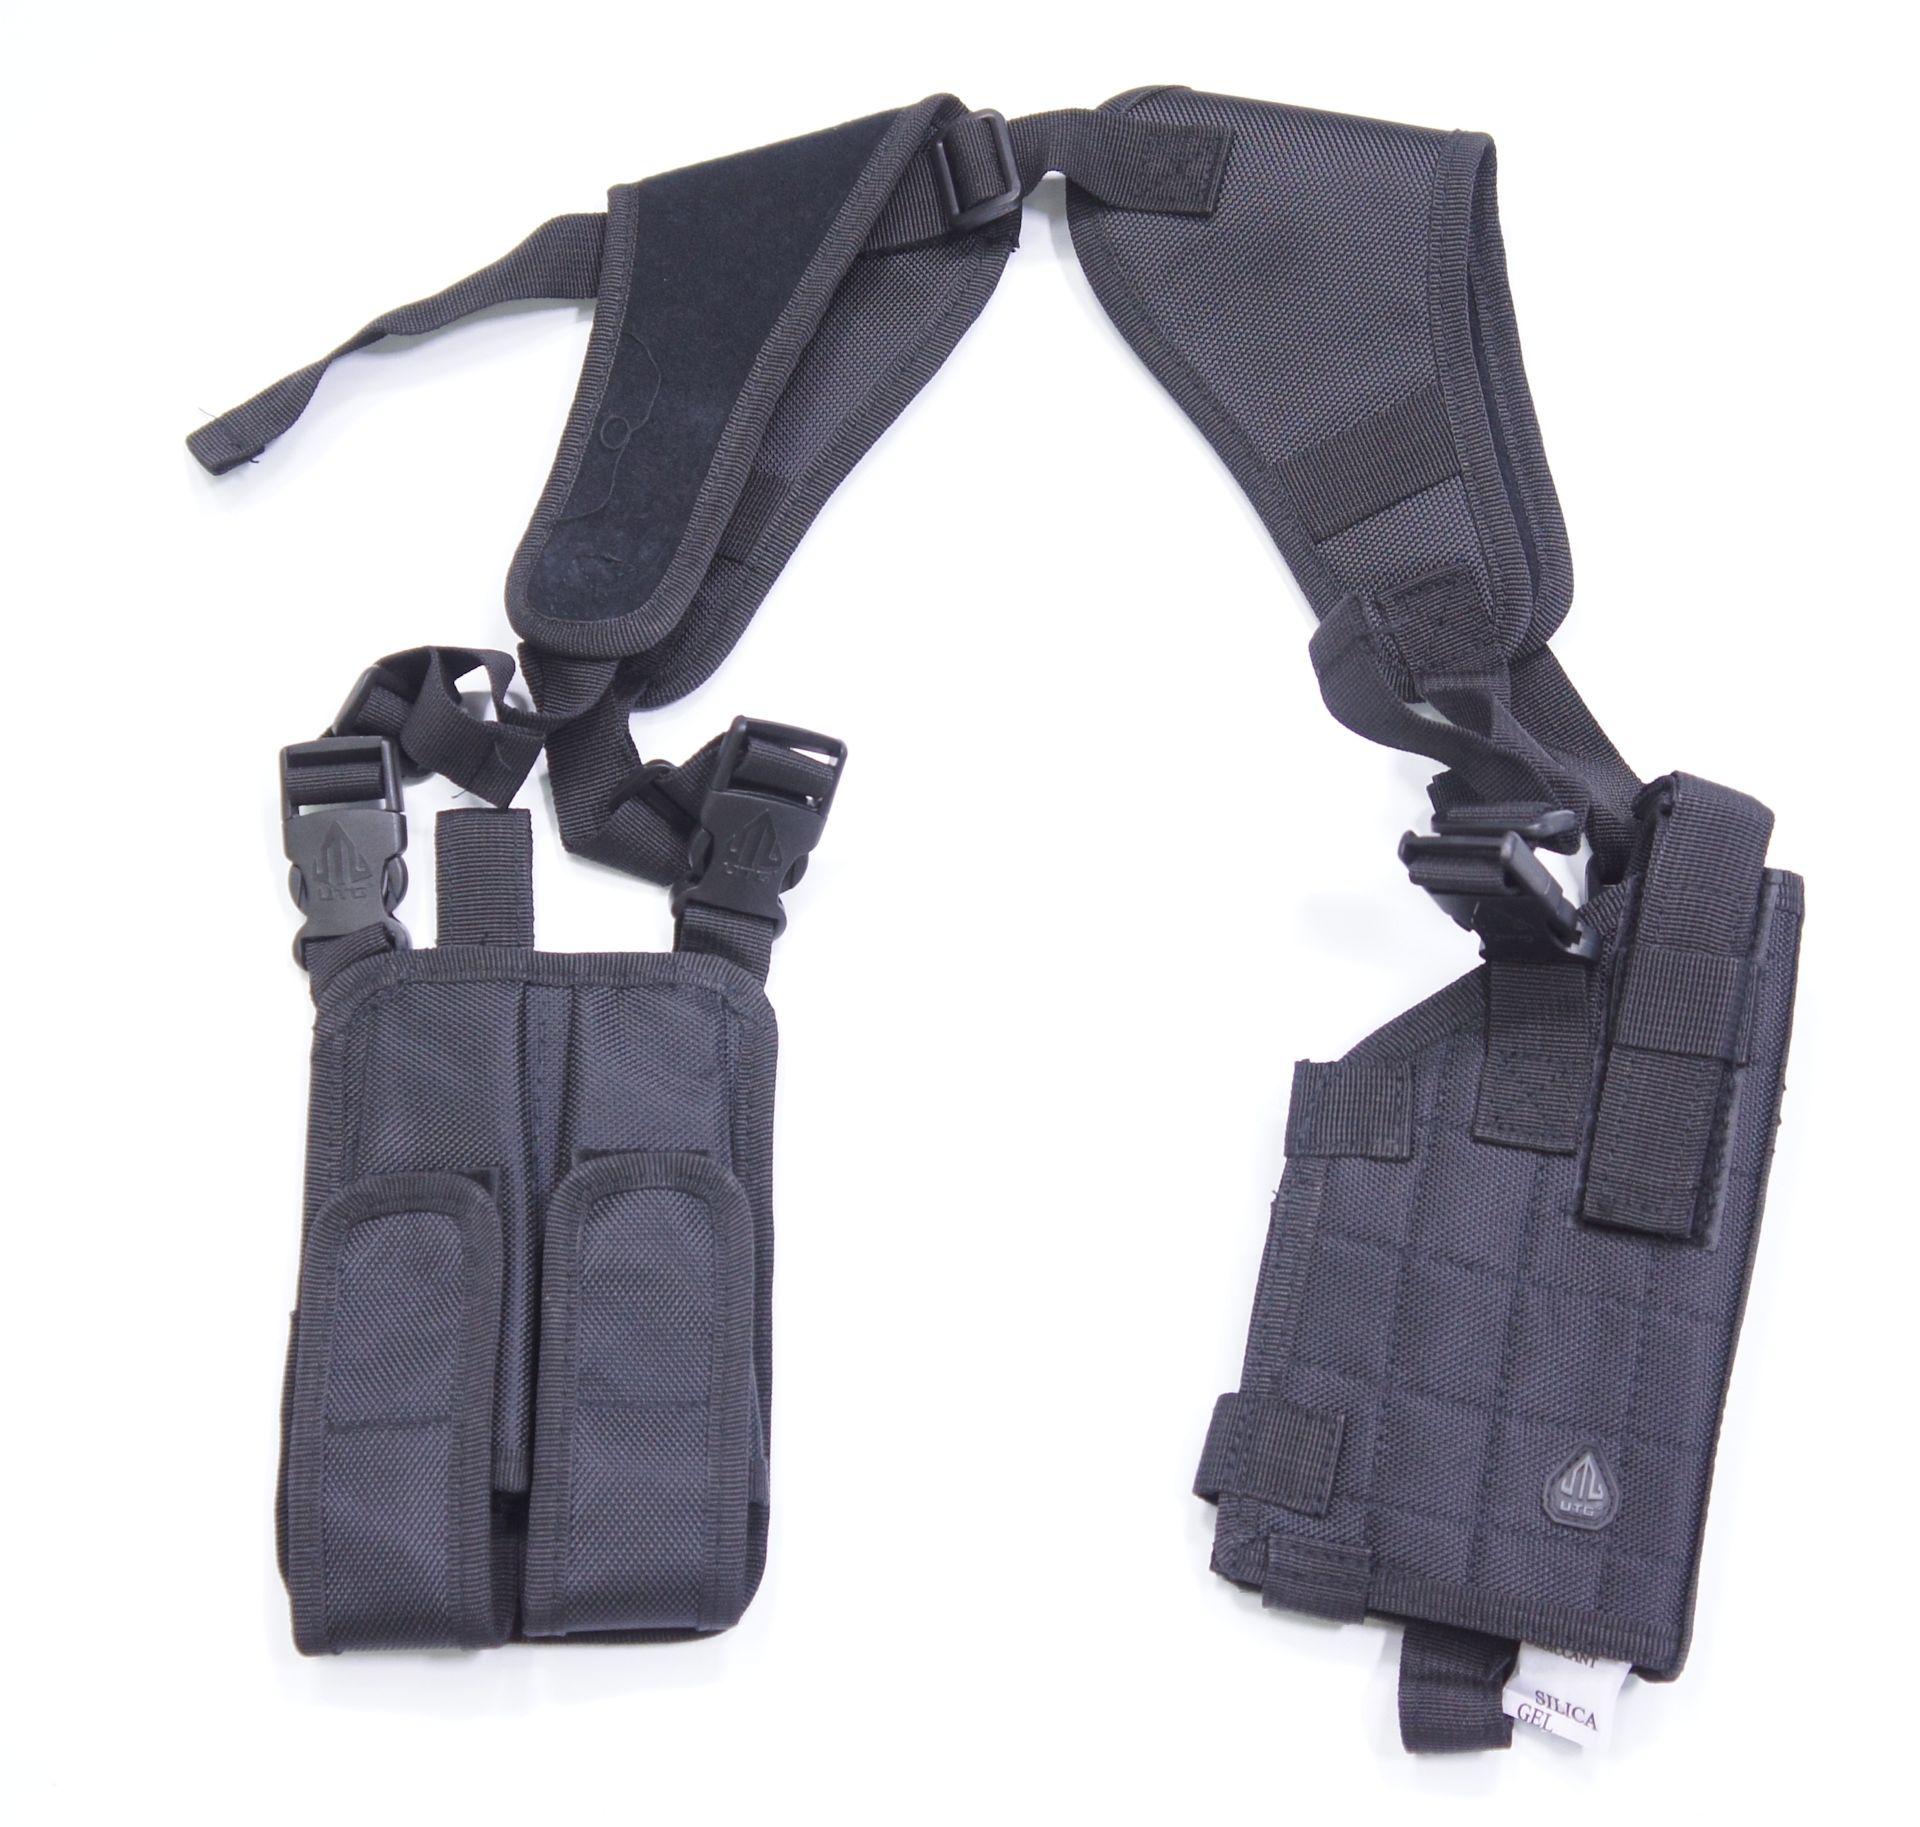 Schulterholster für Pistolen bei senkrechter Trageweise mit 2 Magazinfächern